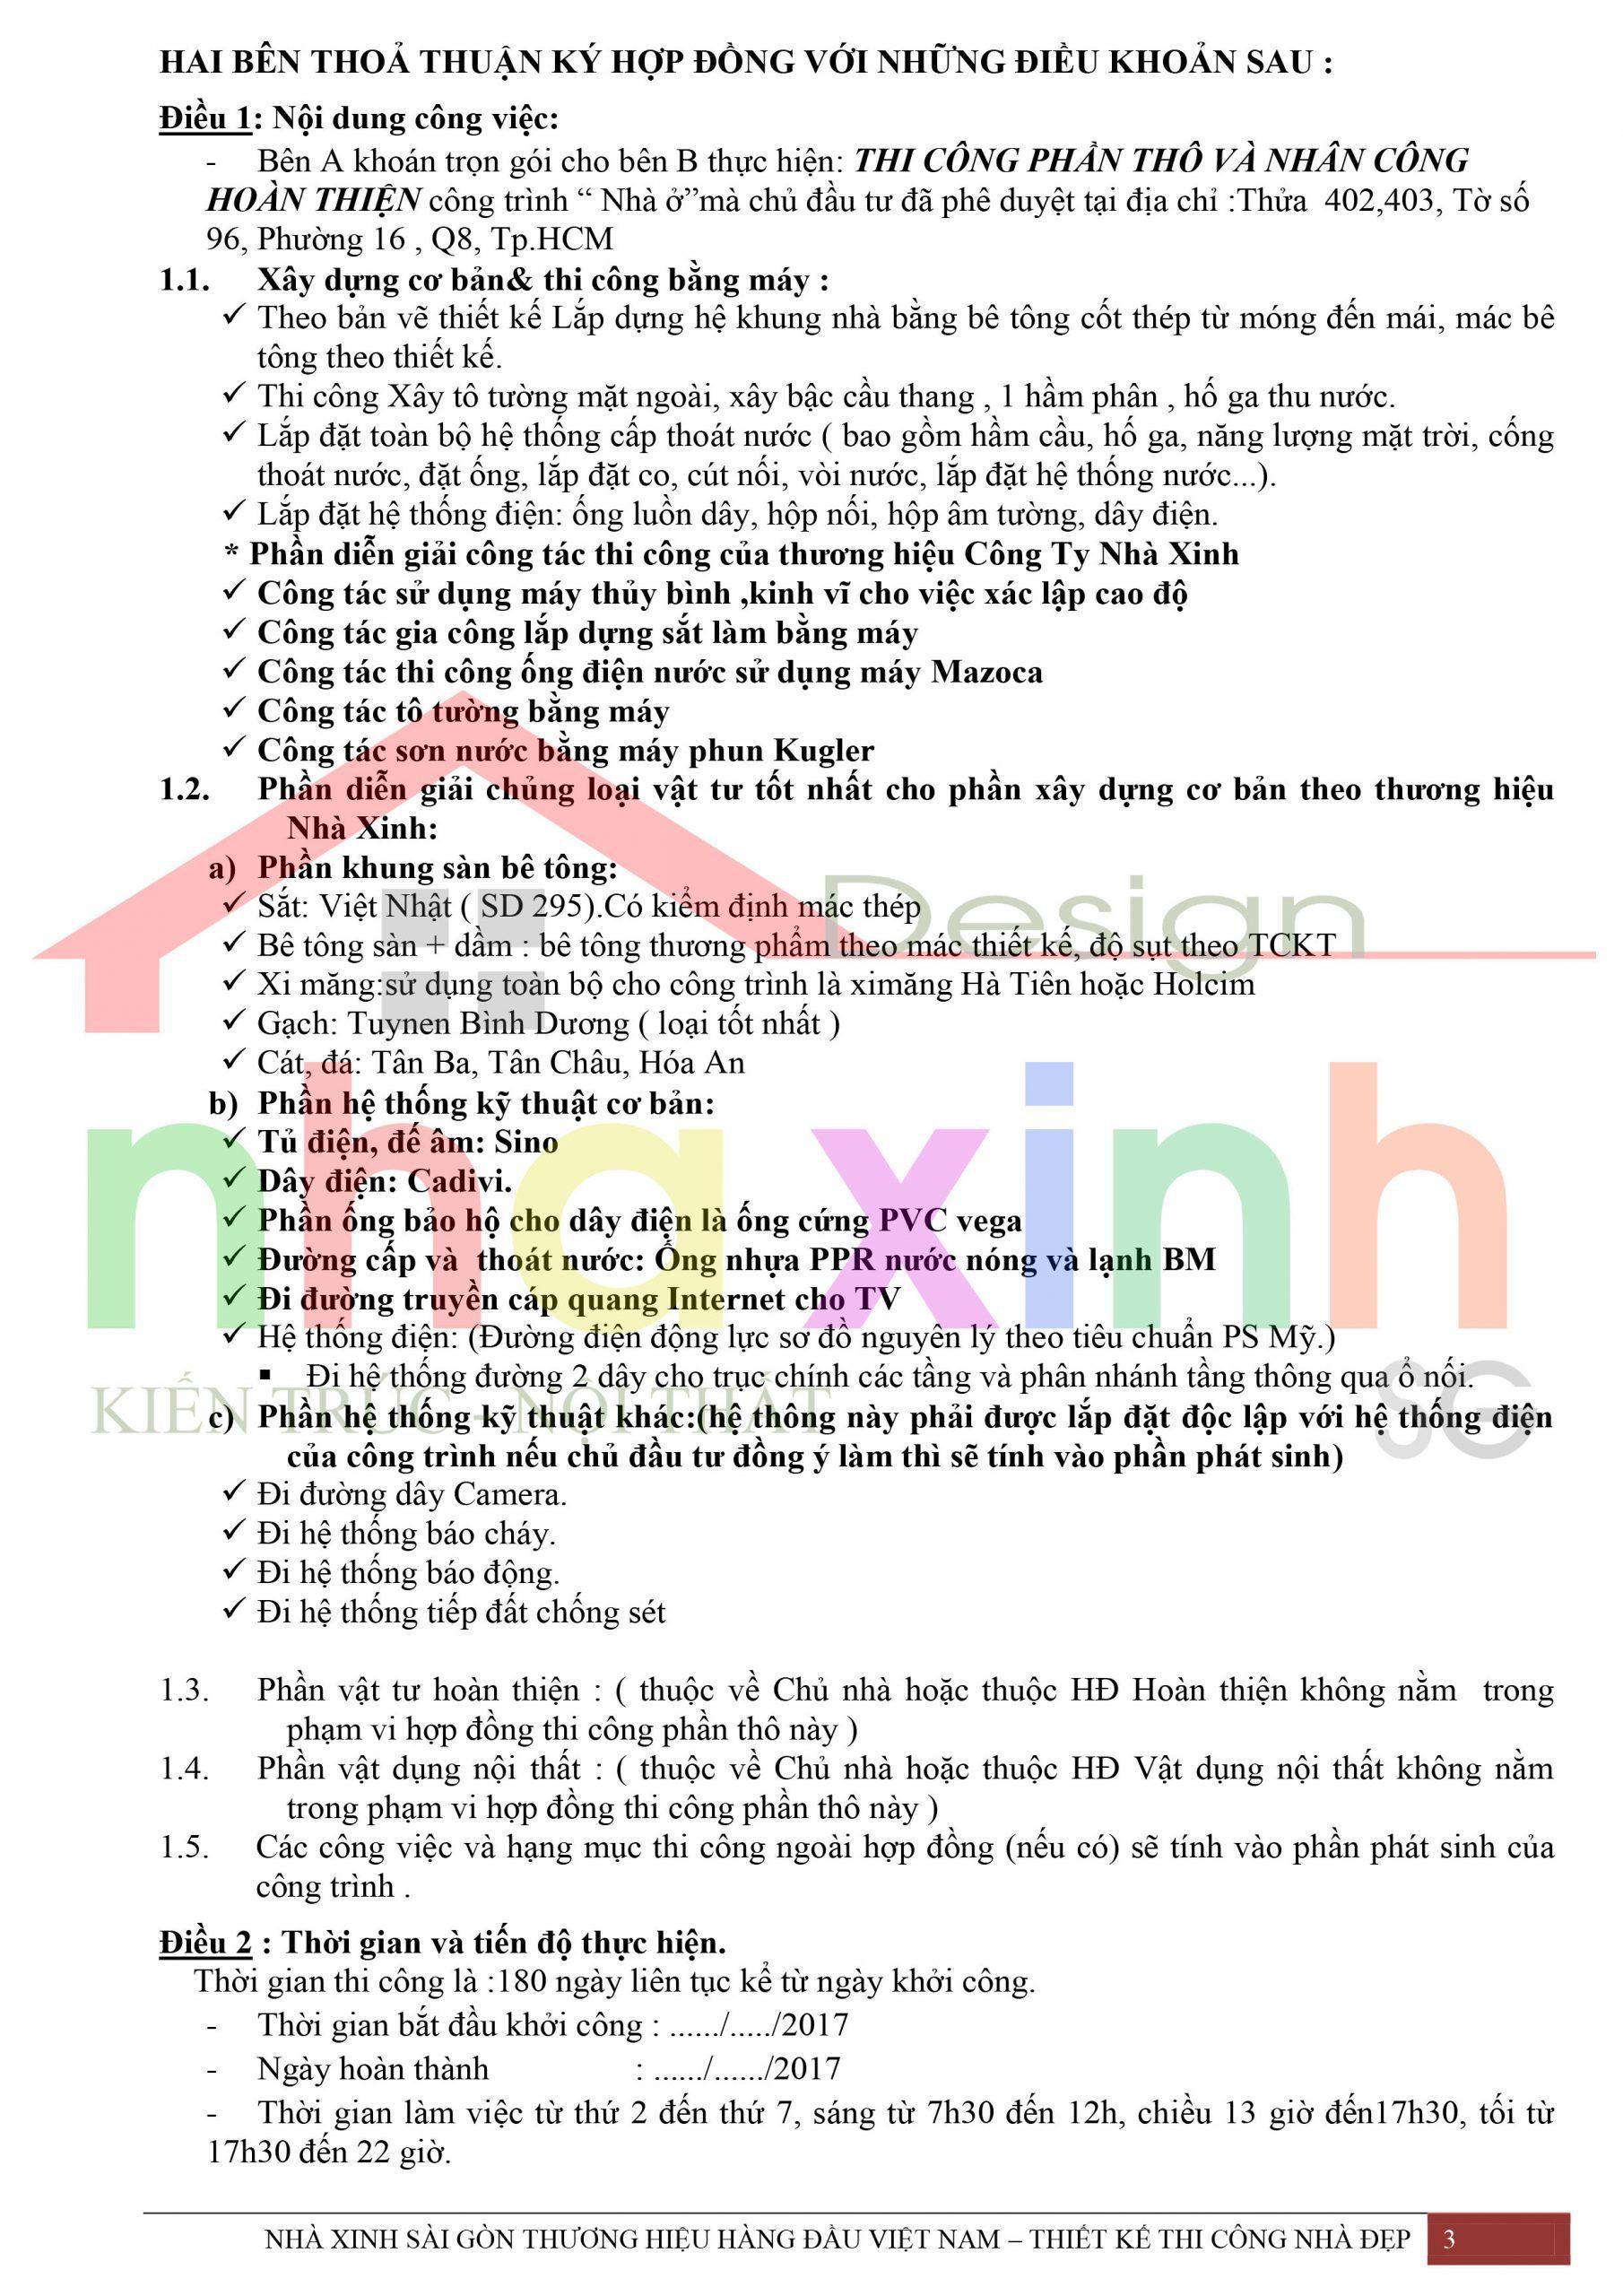 Mẫu hợp đồng phần thô Nhà Xinh 3 scaled